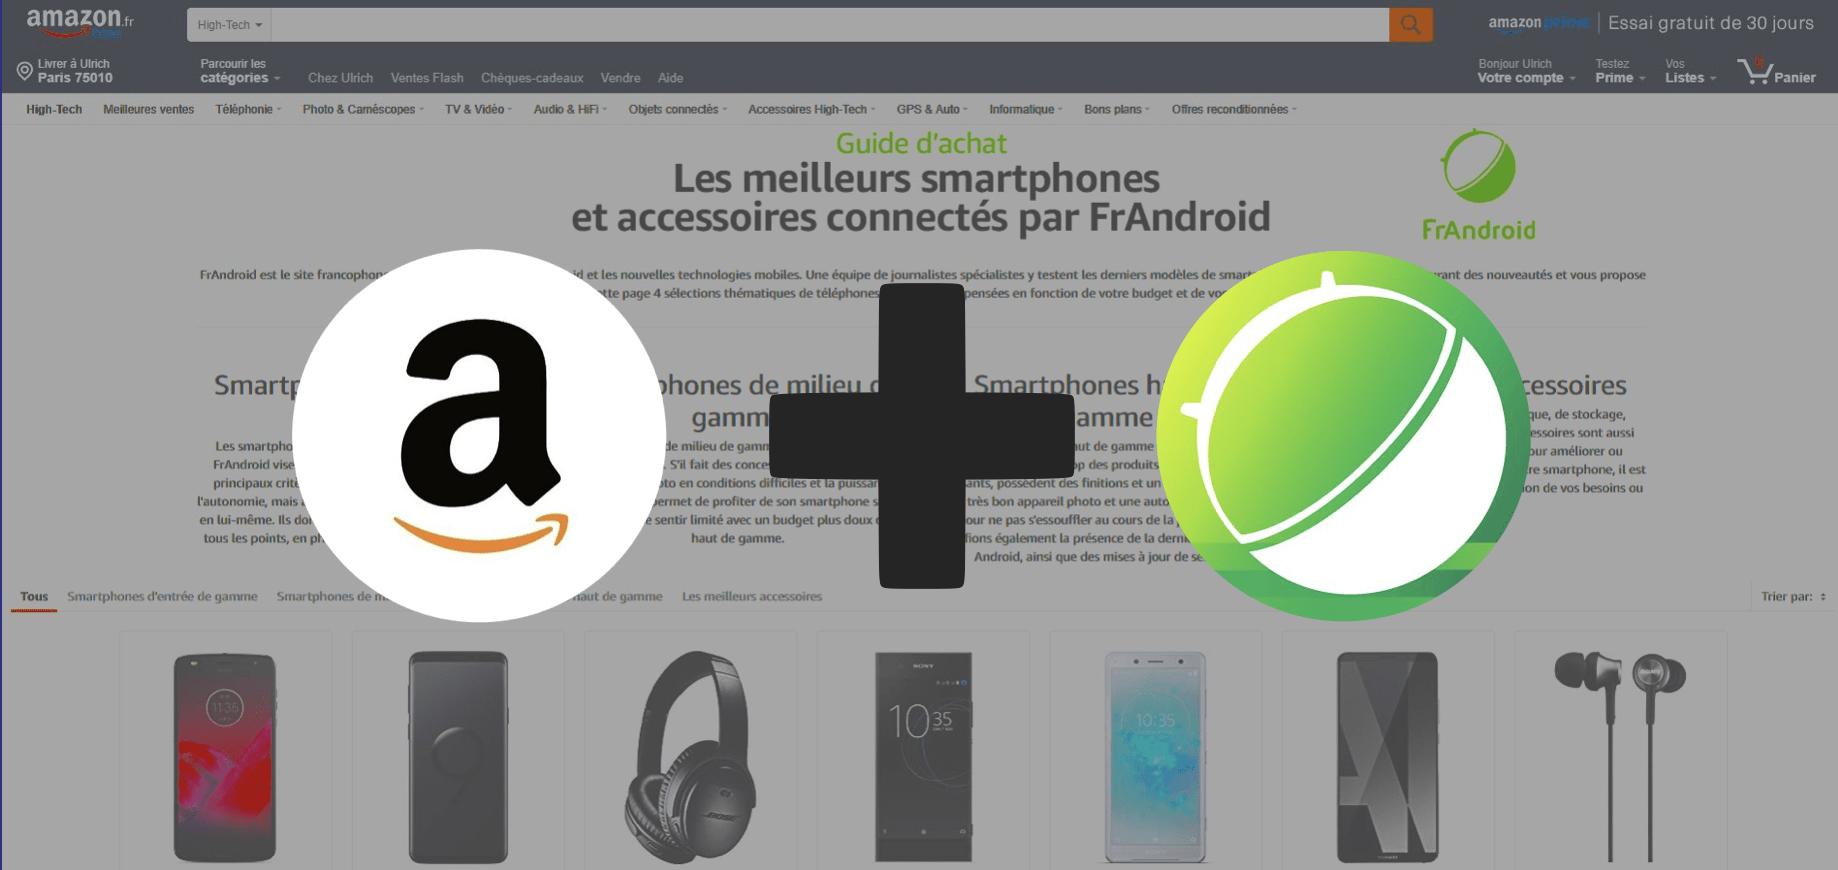 Retrouvez FrAndroid sur Amazon avec une sélection des meilleurs smartphones et accessoires